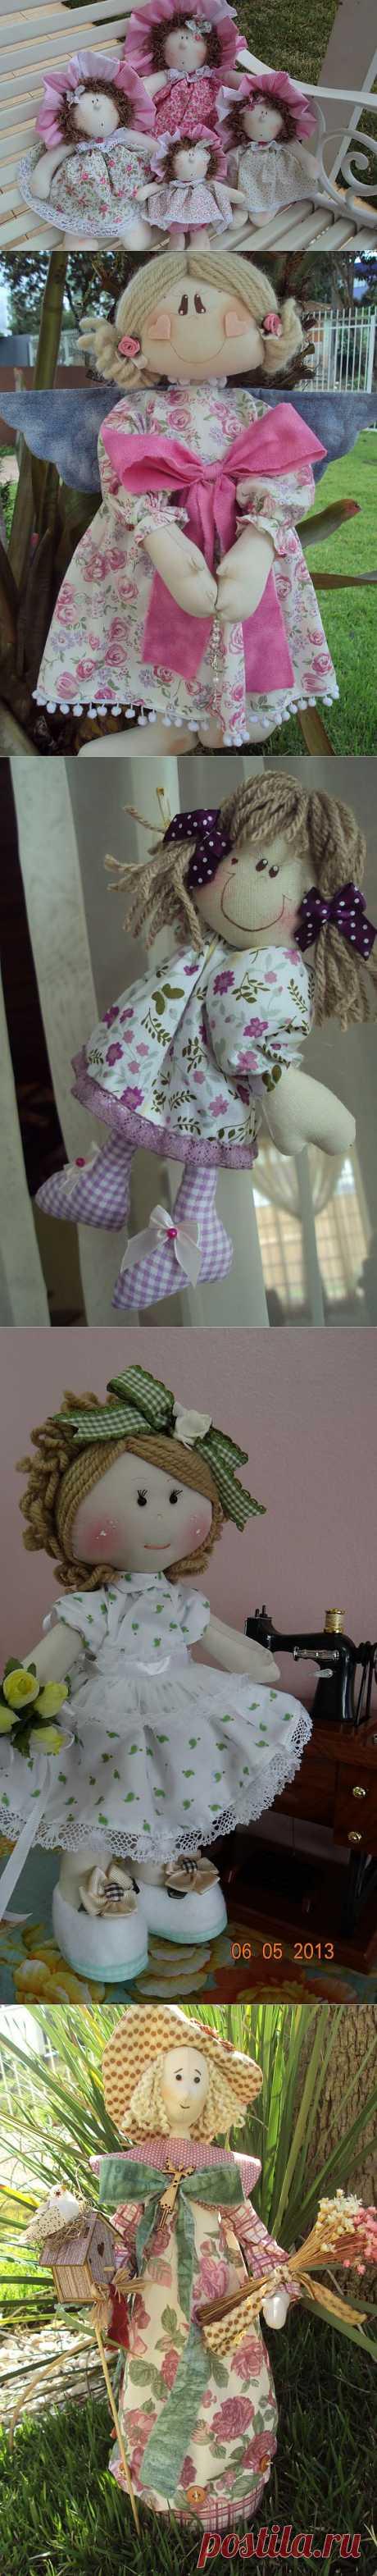 Работы Maria Helena Strapazzon Furlan: лоскутные куклы, аппликации